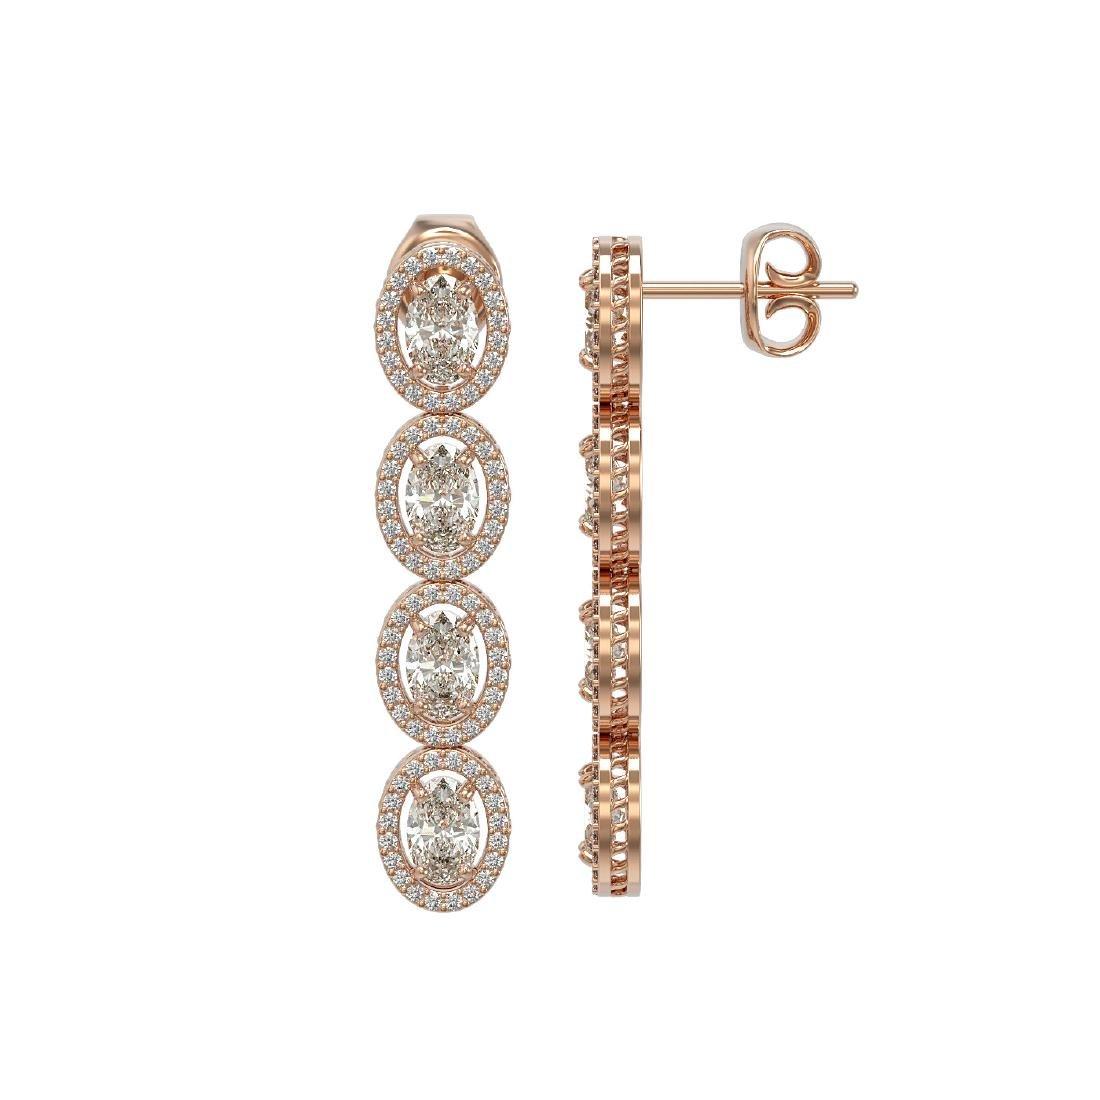 6.08 CTW Oval Diamond Designer Earrings 18K Rose Gold - 2